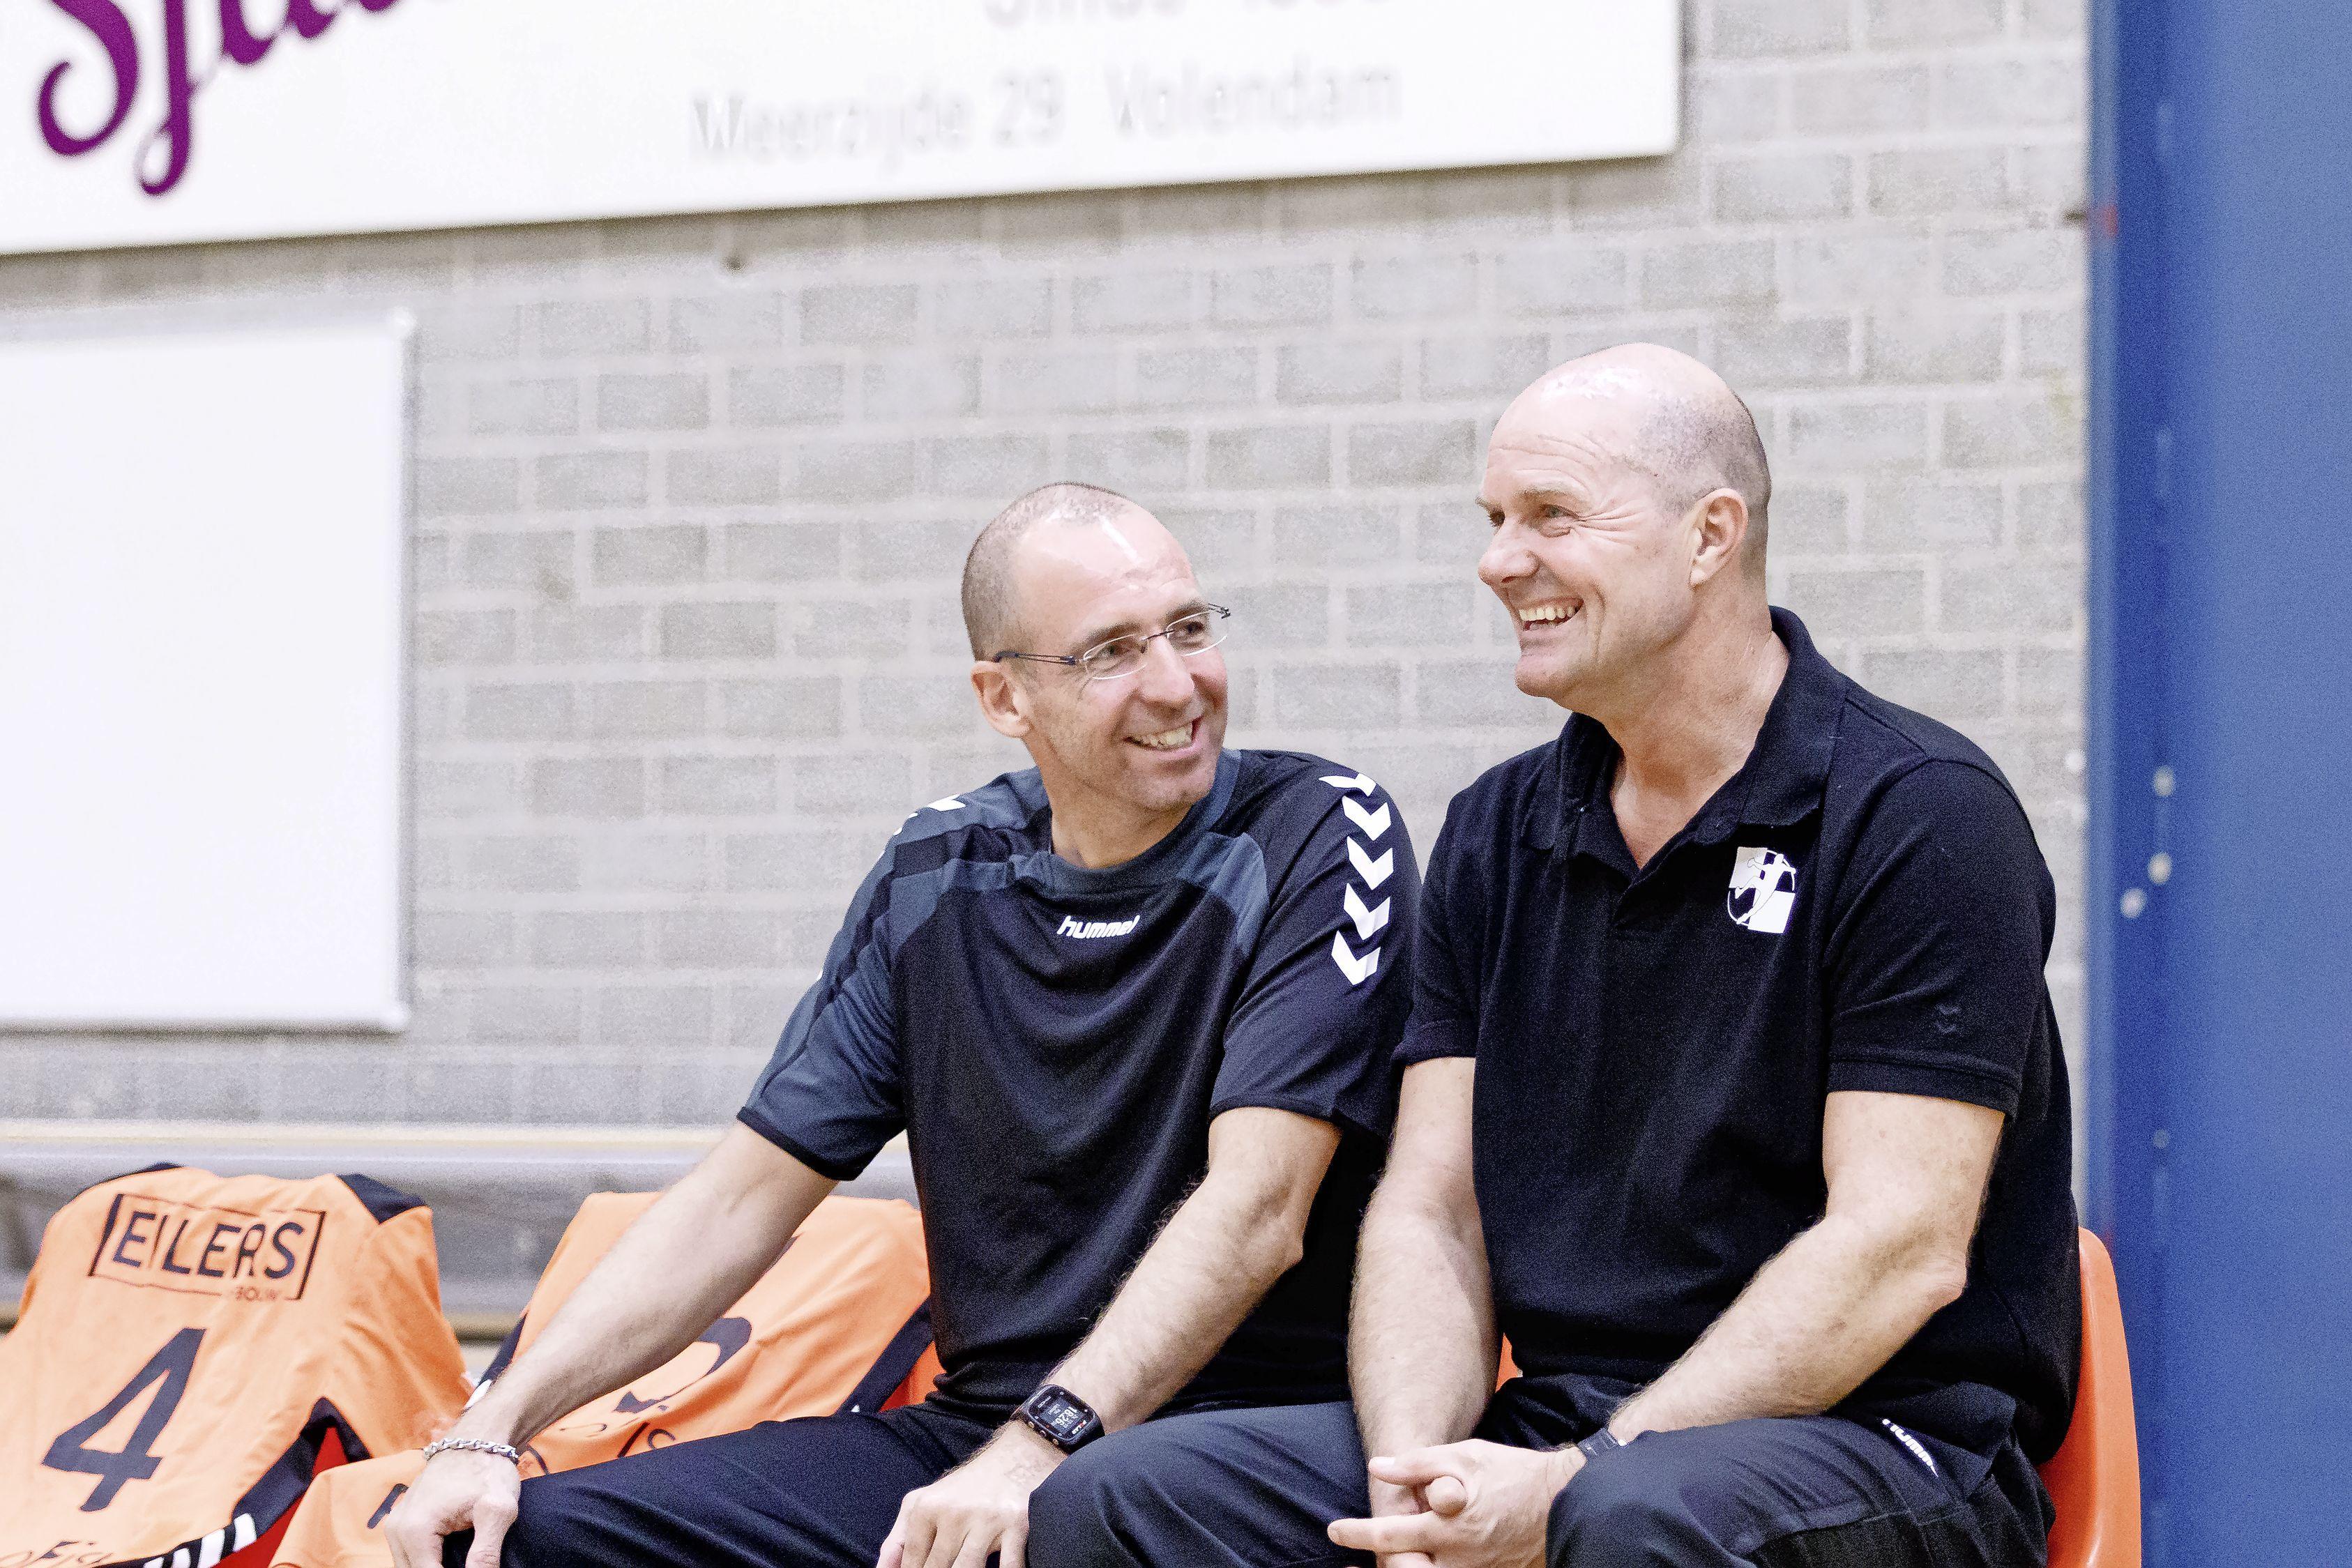 SEW stond altijd al op het lijstje van Ruud van den Broeck als club om er ooit te werken. De oud-international gaat bij de West-Friese handbalploeg aan de slag als keeperstrainer: 'Het wordt een mooie ontdekkingsreis voor beide kanten'